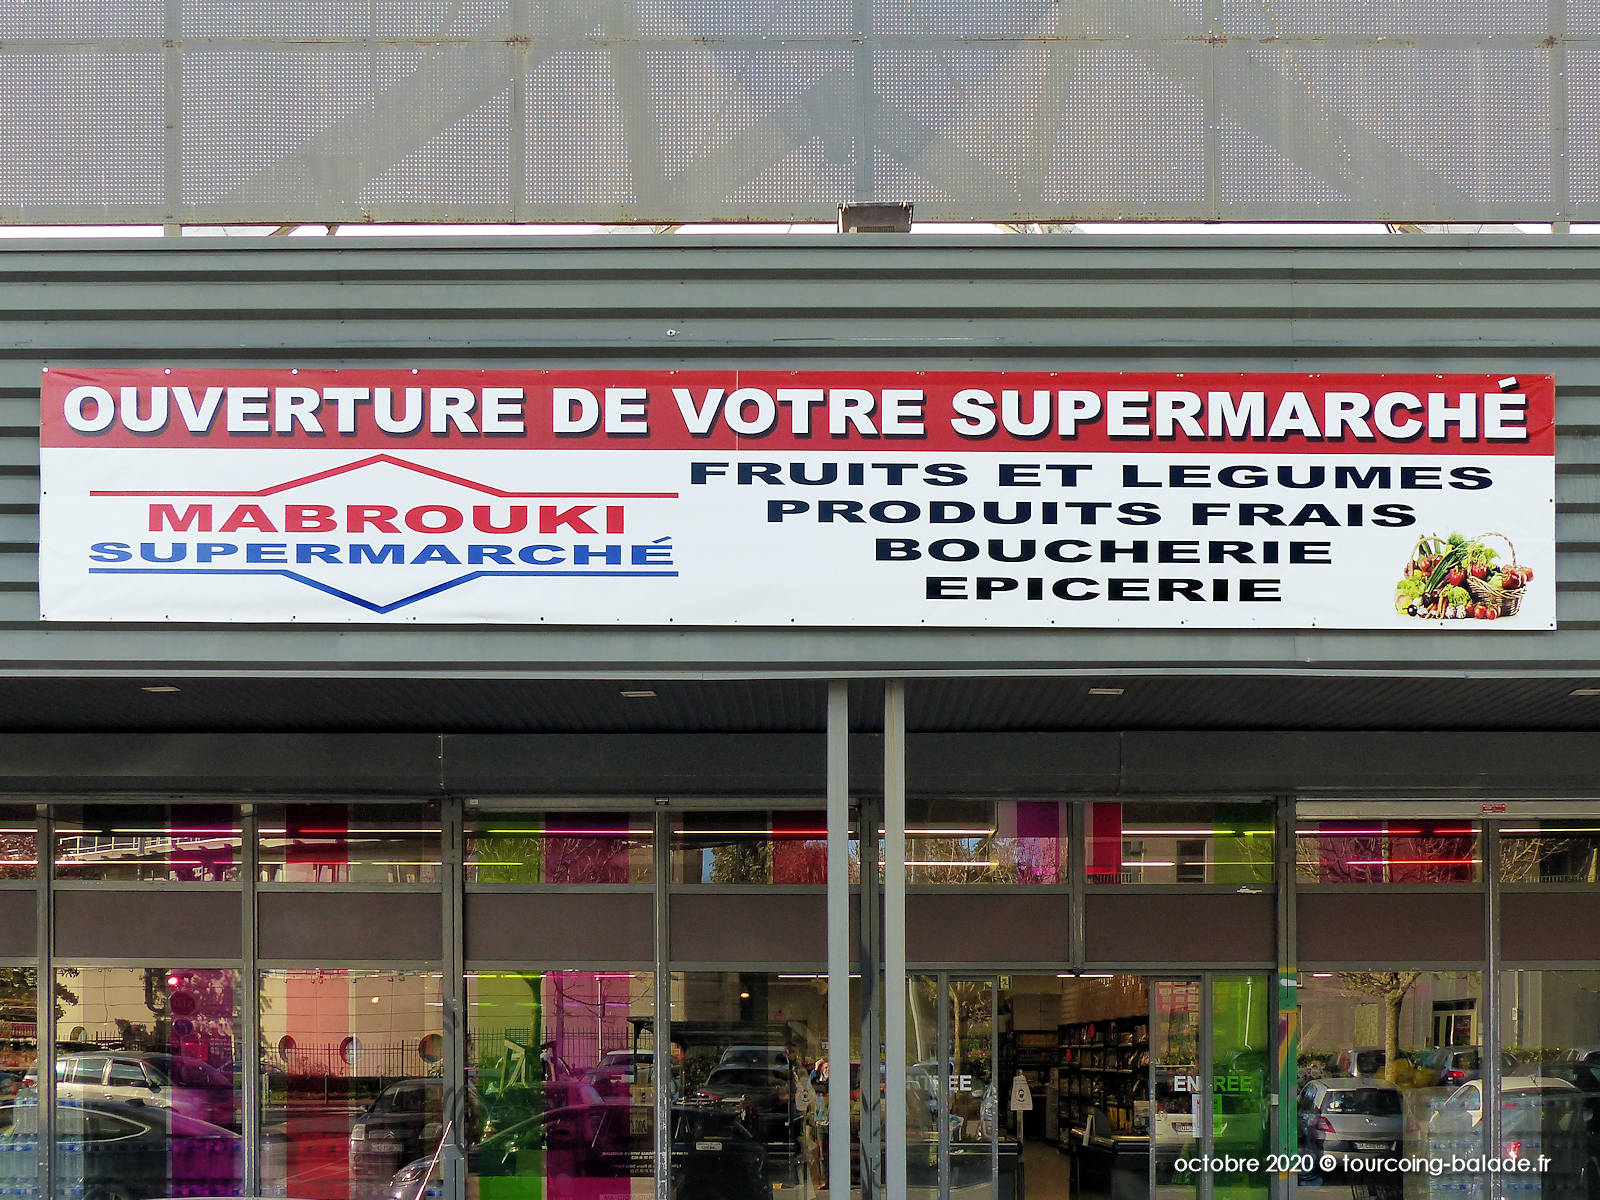 Enseigne du Supermarché Mabrouki, Tourcoing 2020